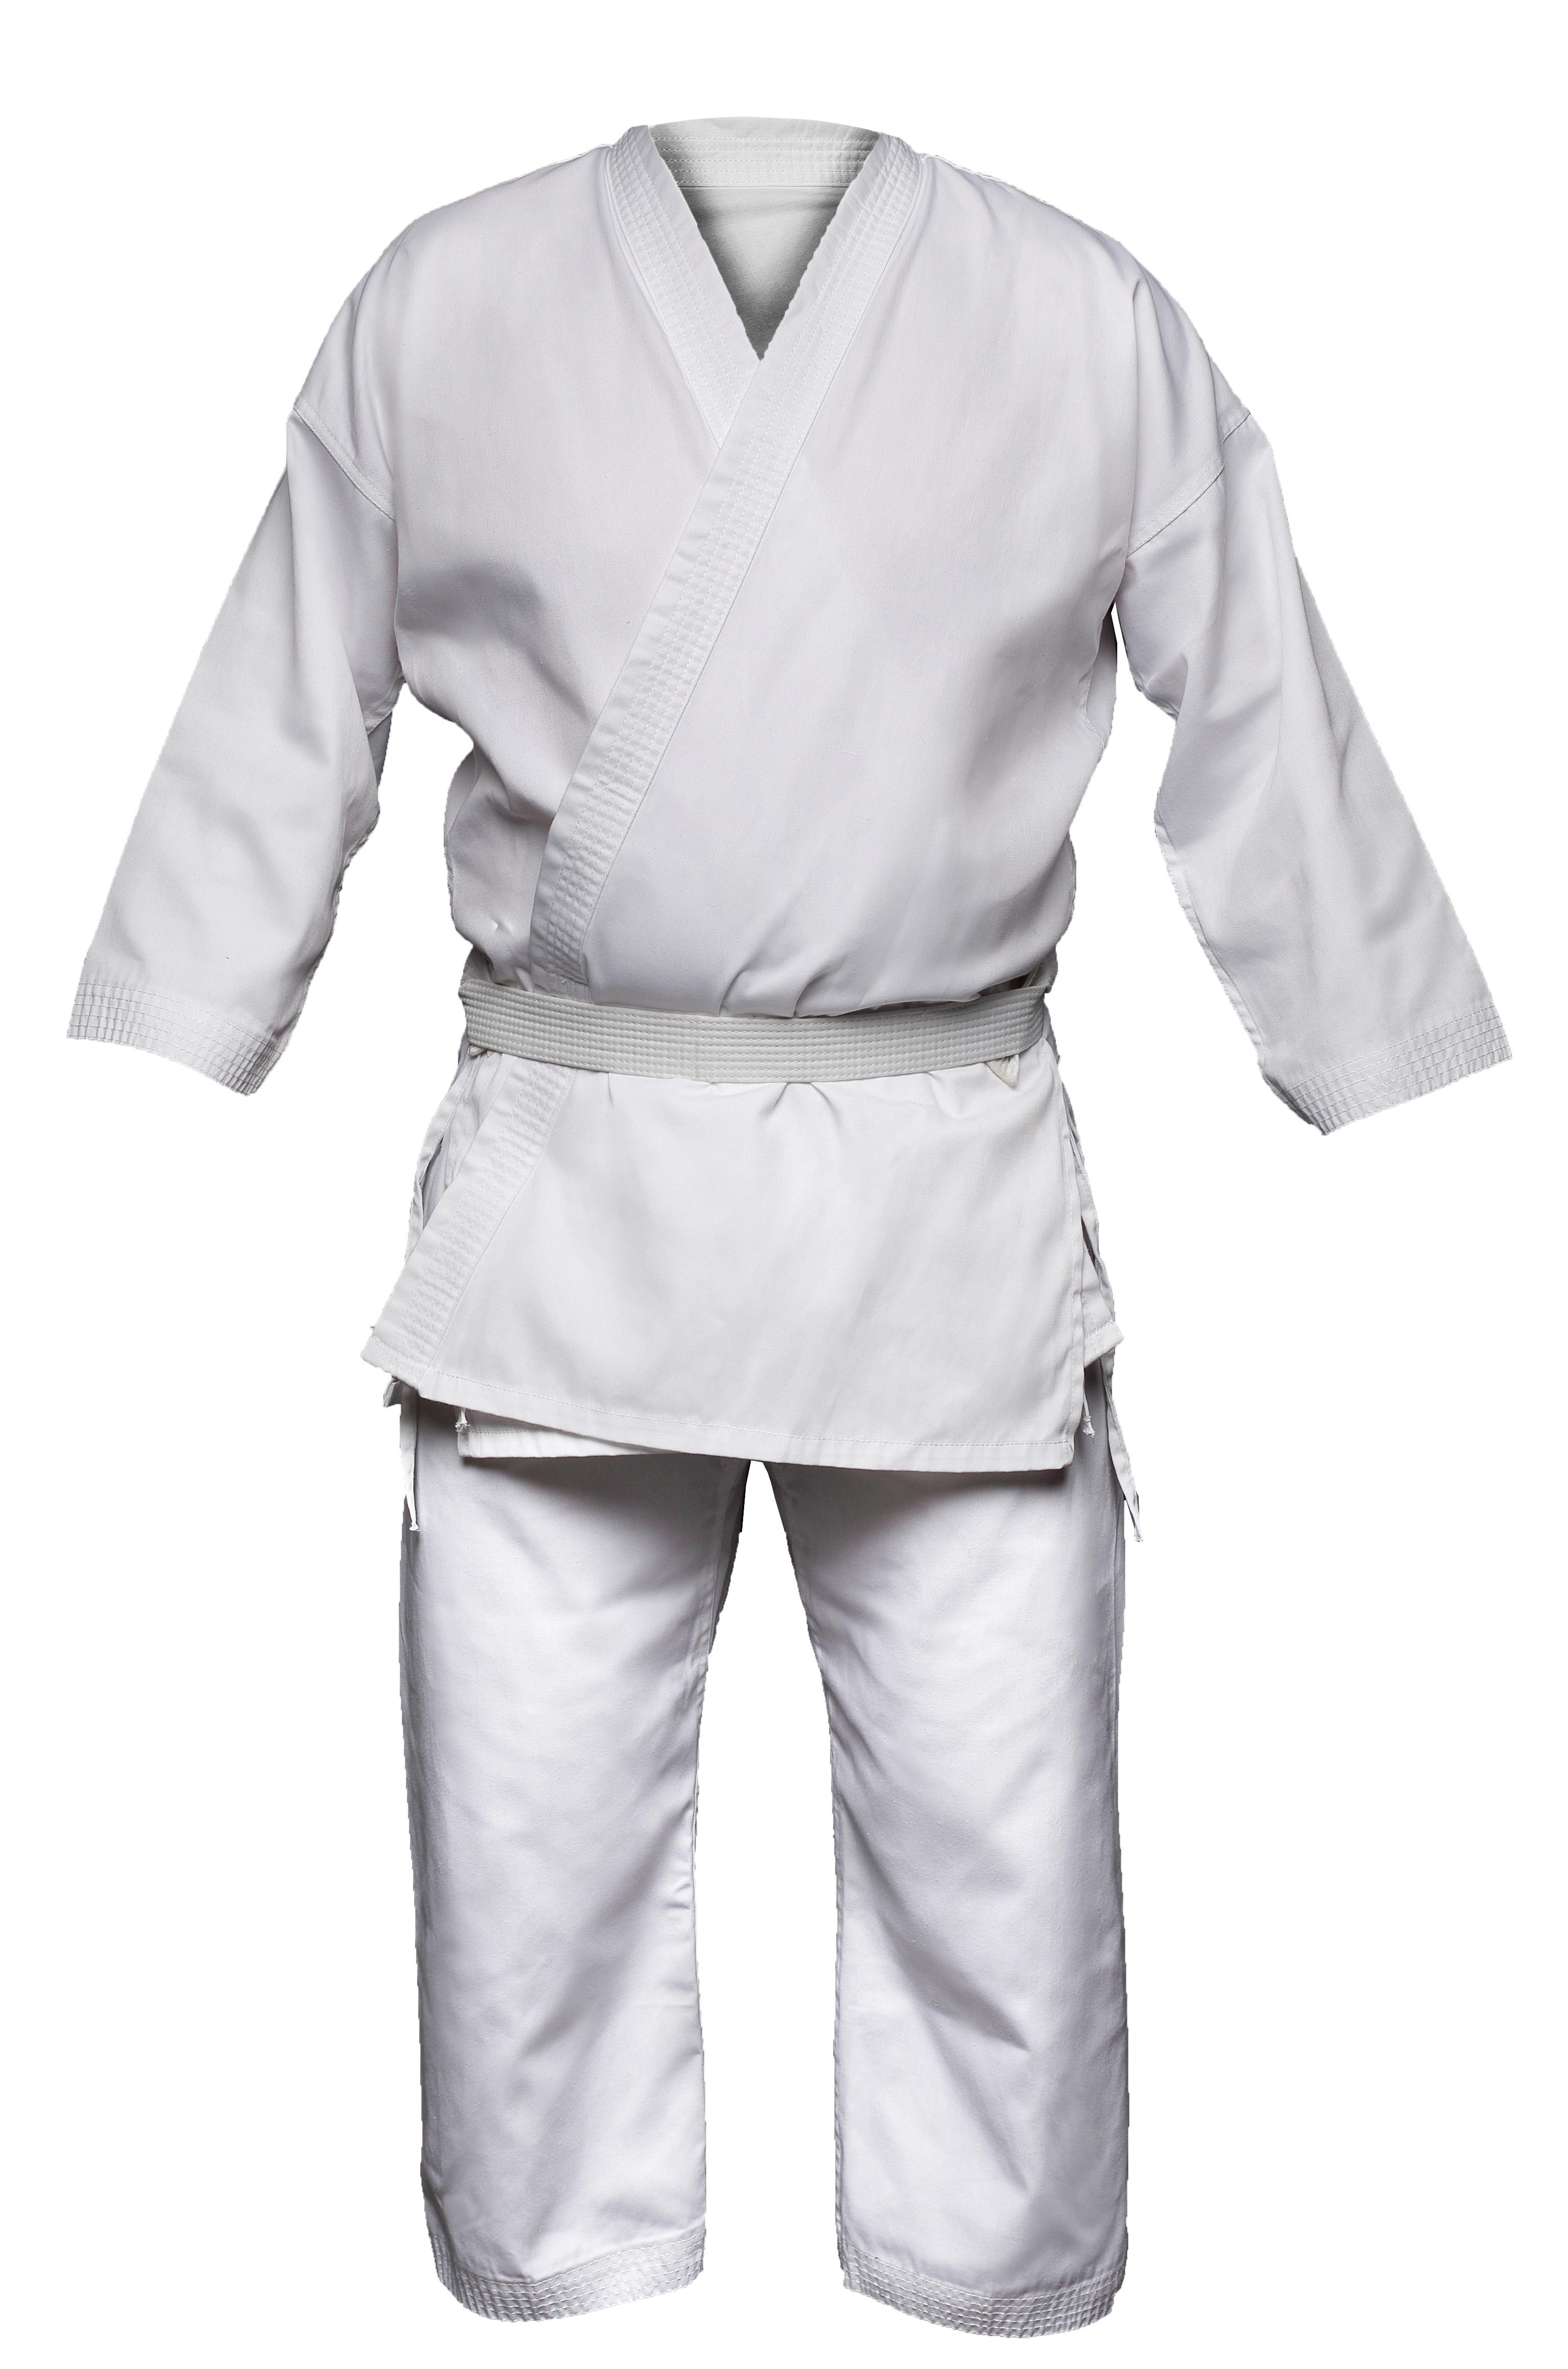 Кимоно тренировочное для каратэ wkf белое